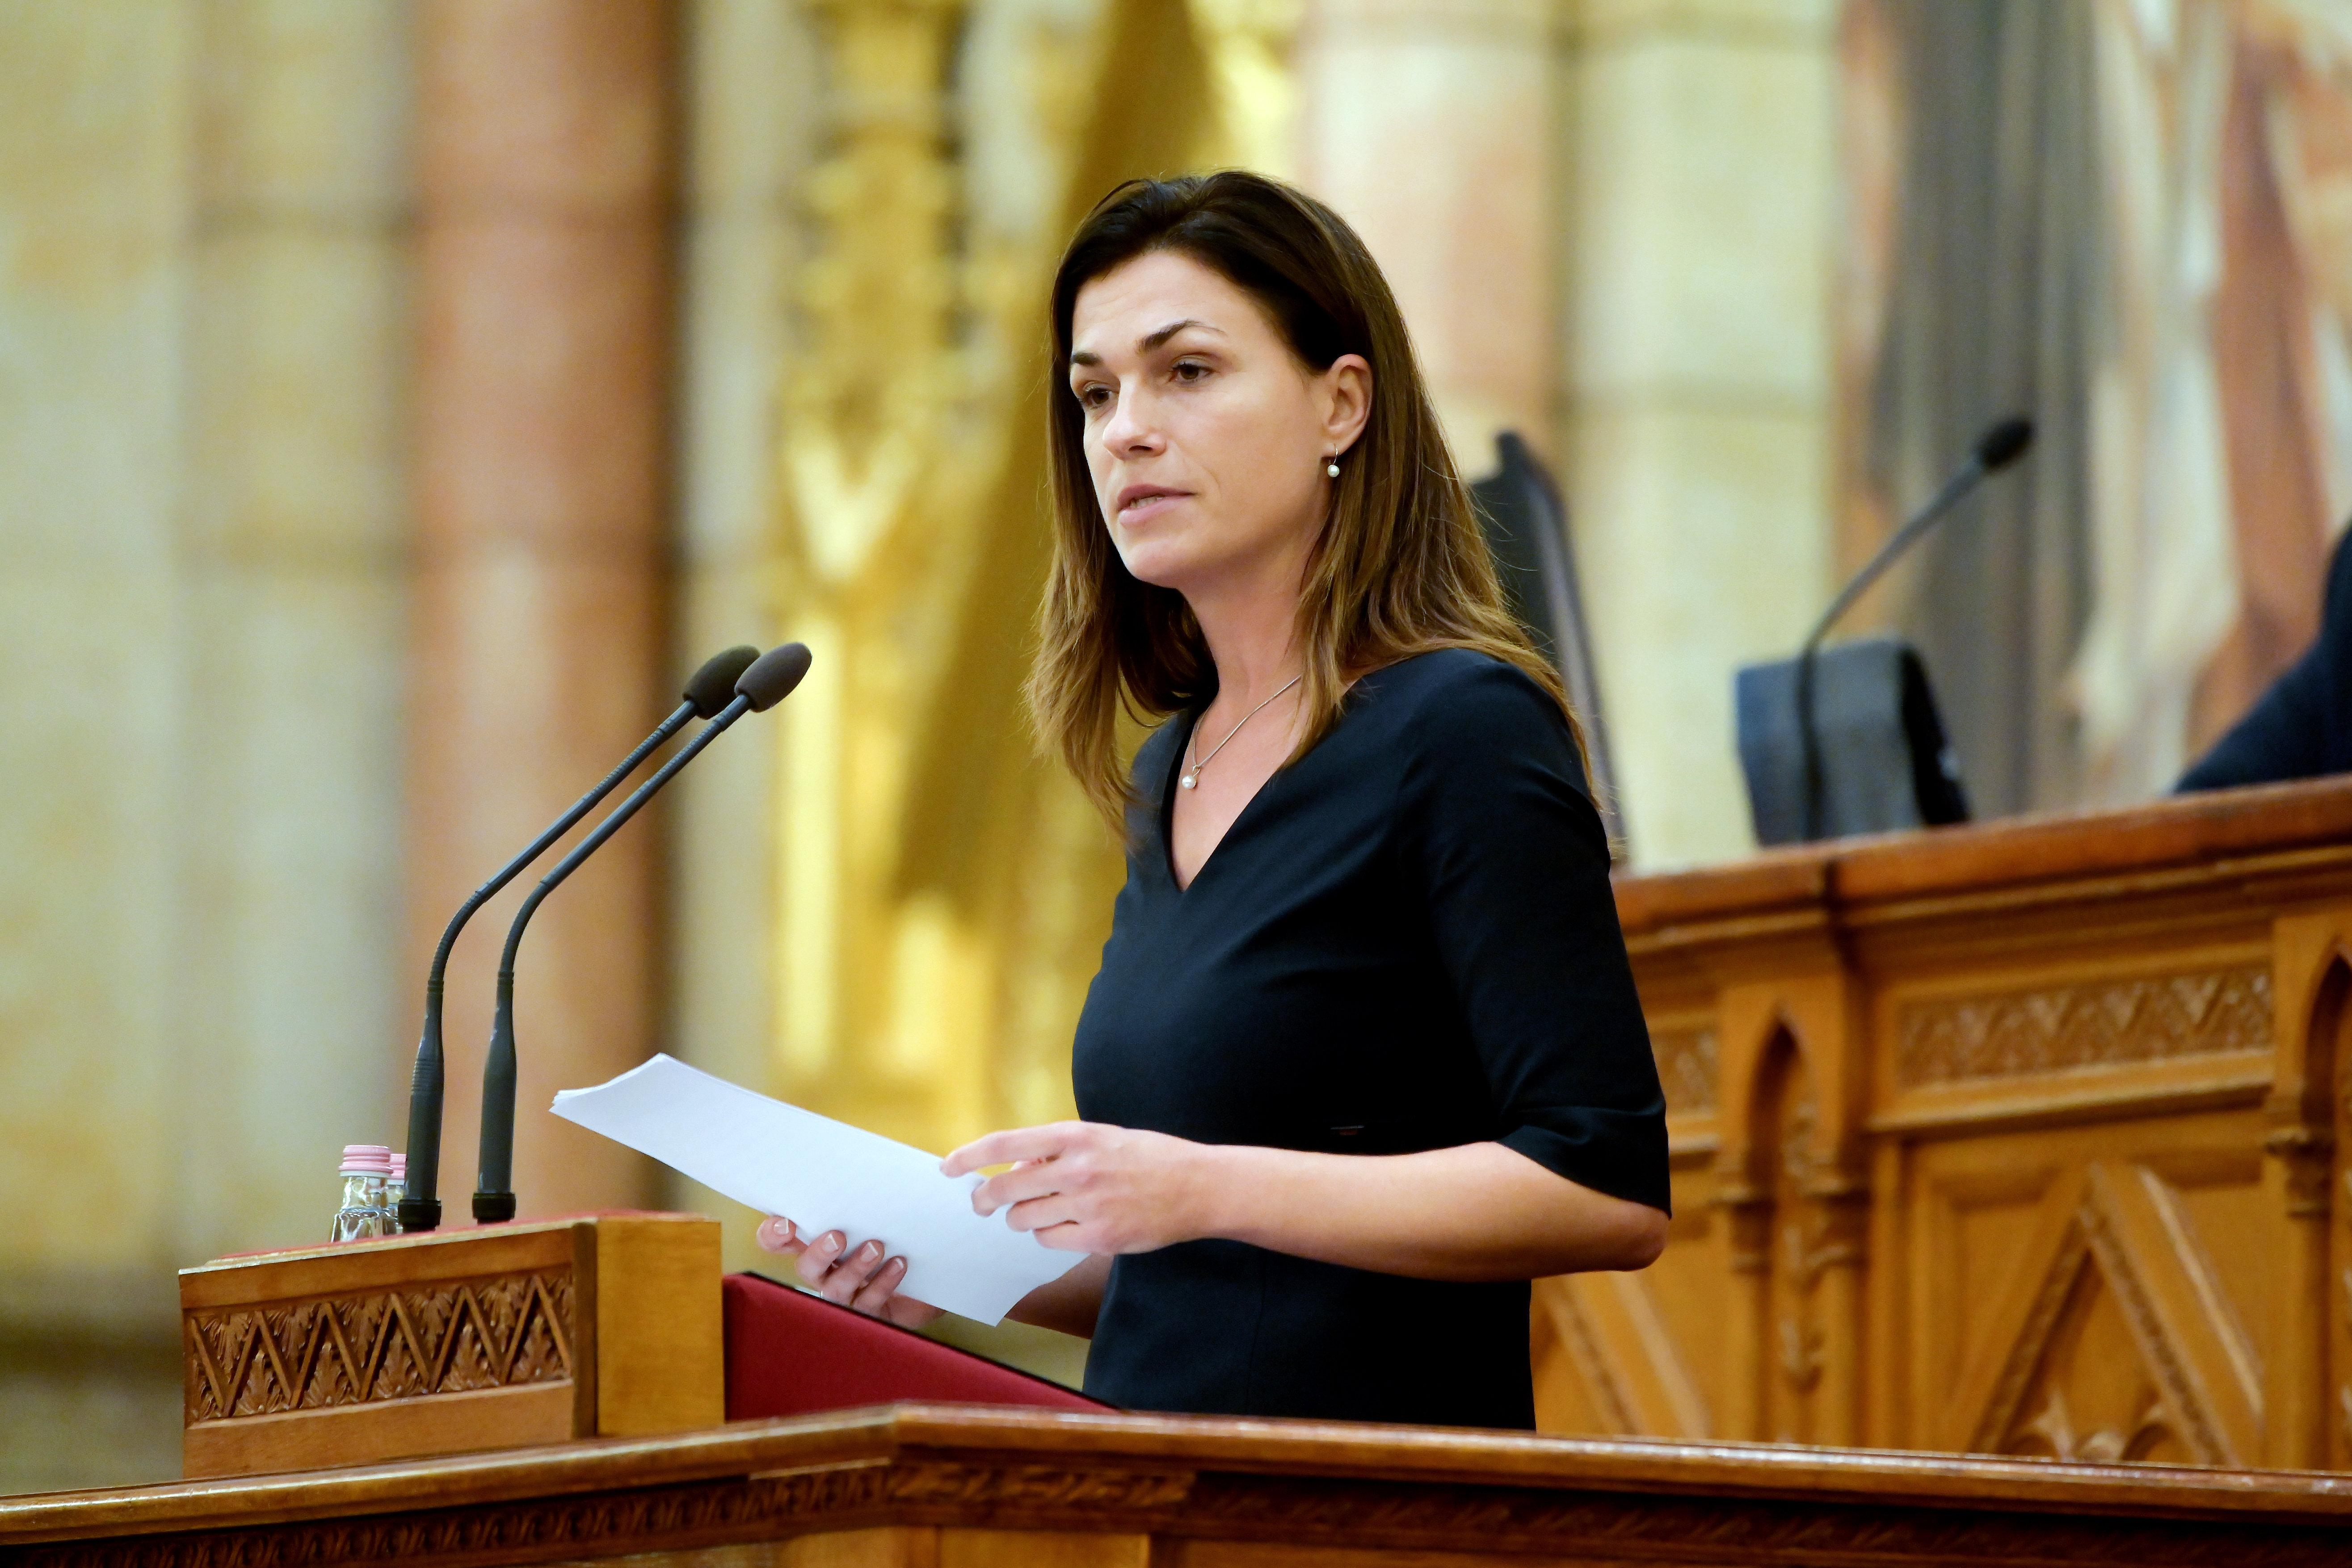 A francia napilap szerint Varga Judit igenis ki akart húzatni egy kérdést és választ az interjúból